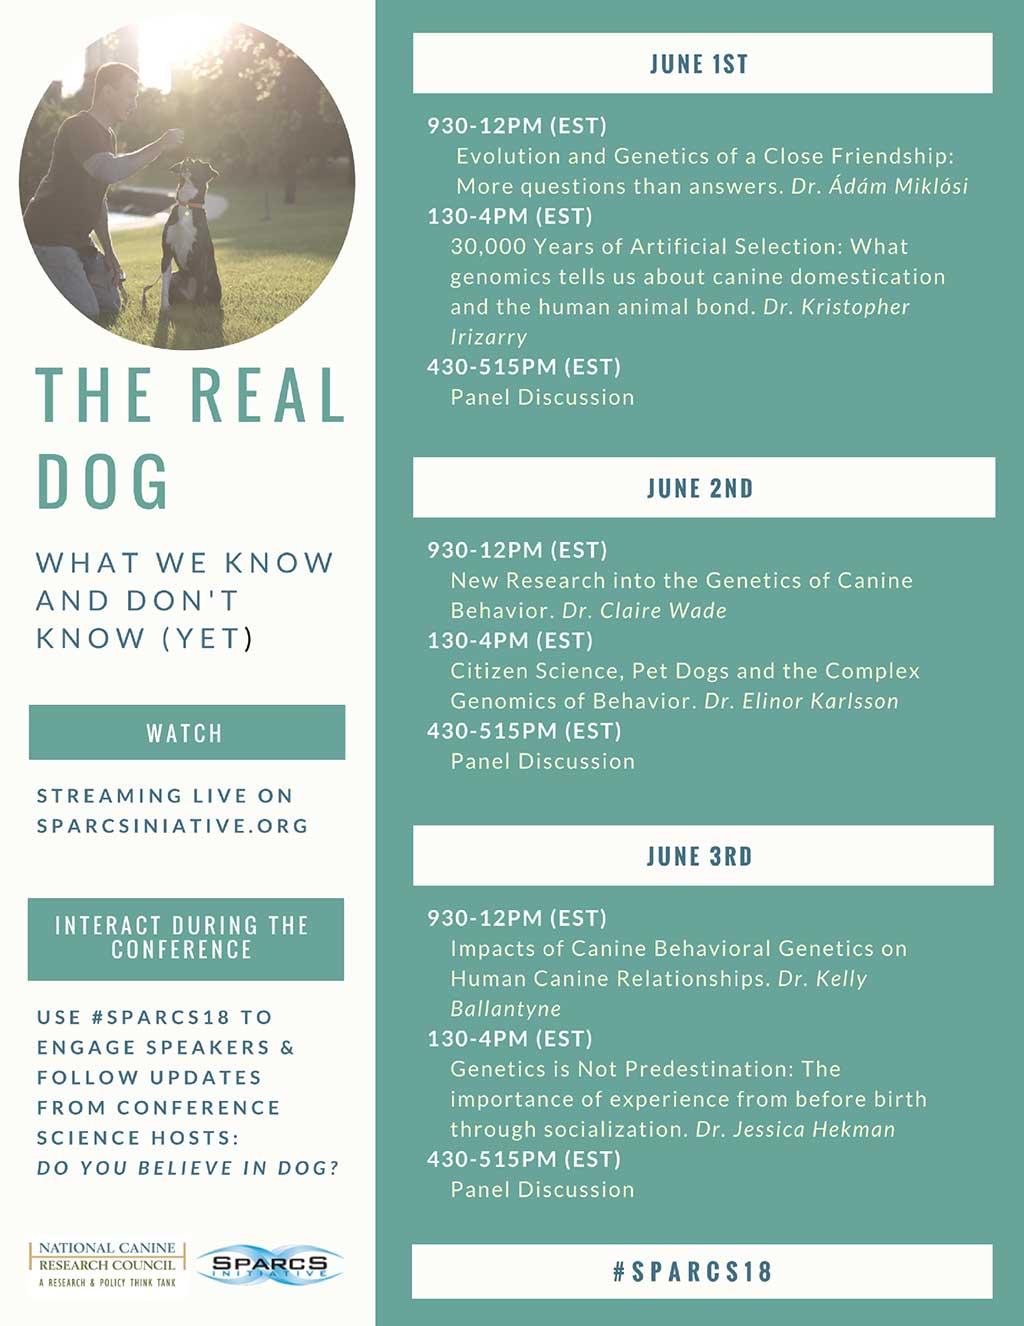 SPARCS 2018. The Real Dog: Lo que sabemos y lo que no de los perros (todavía).